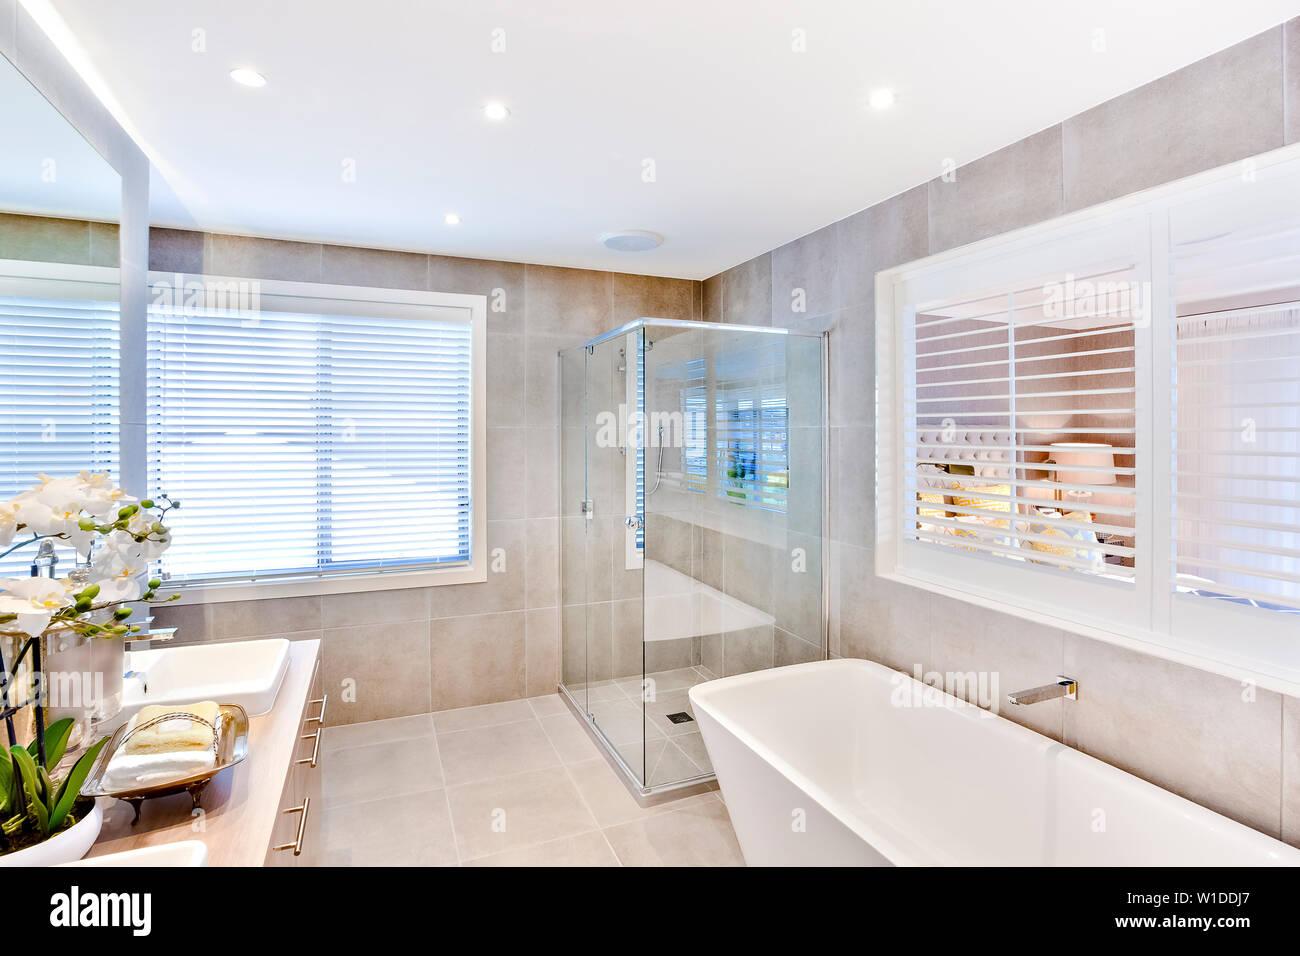 Un elegante cuarto de baño con bañera contra la pared y una ...